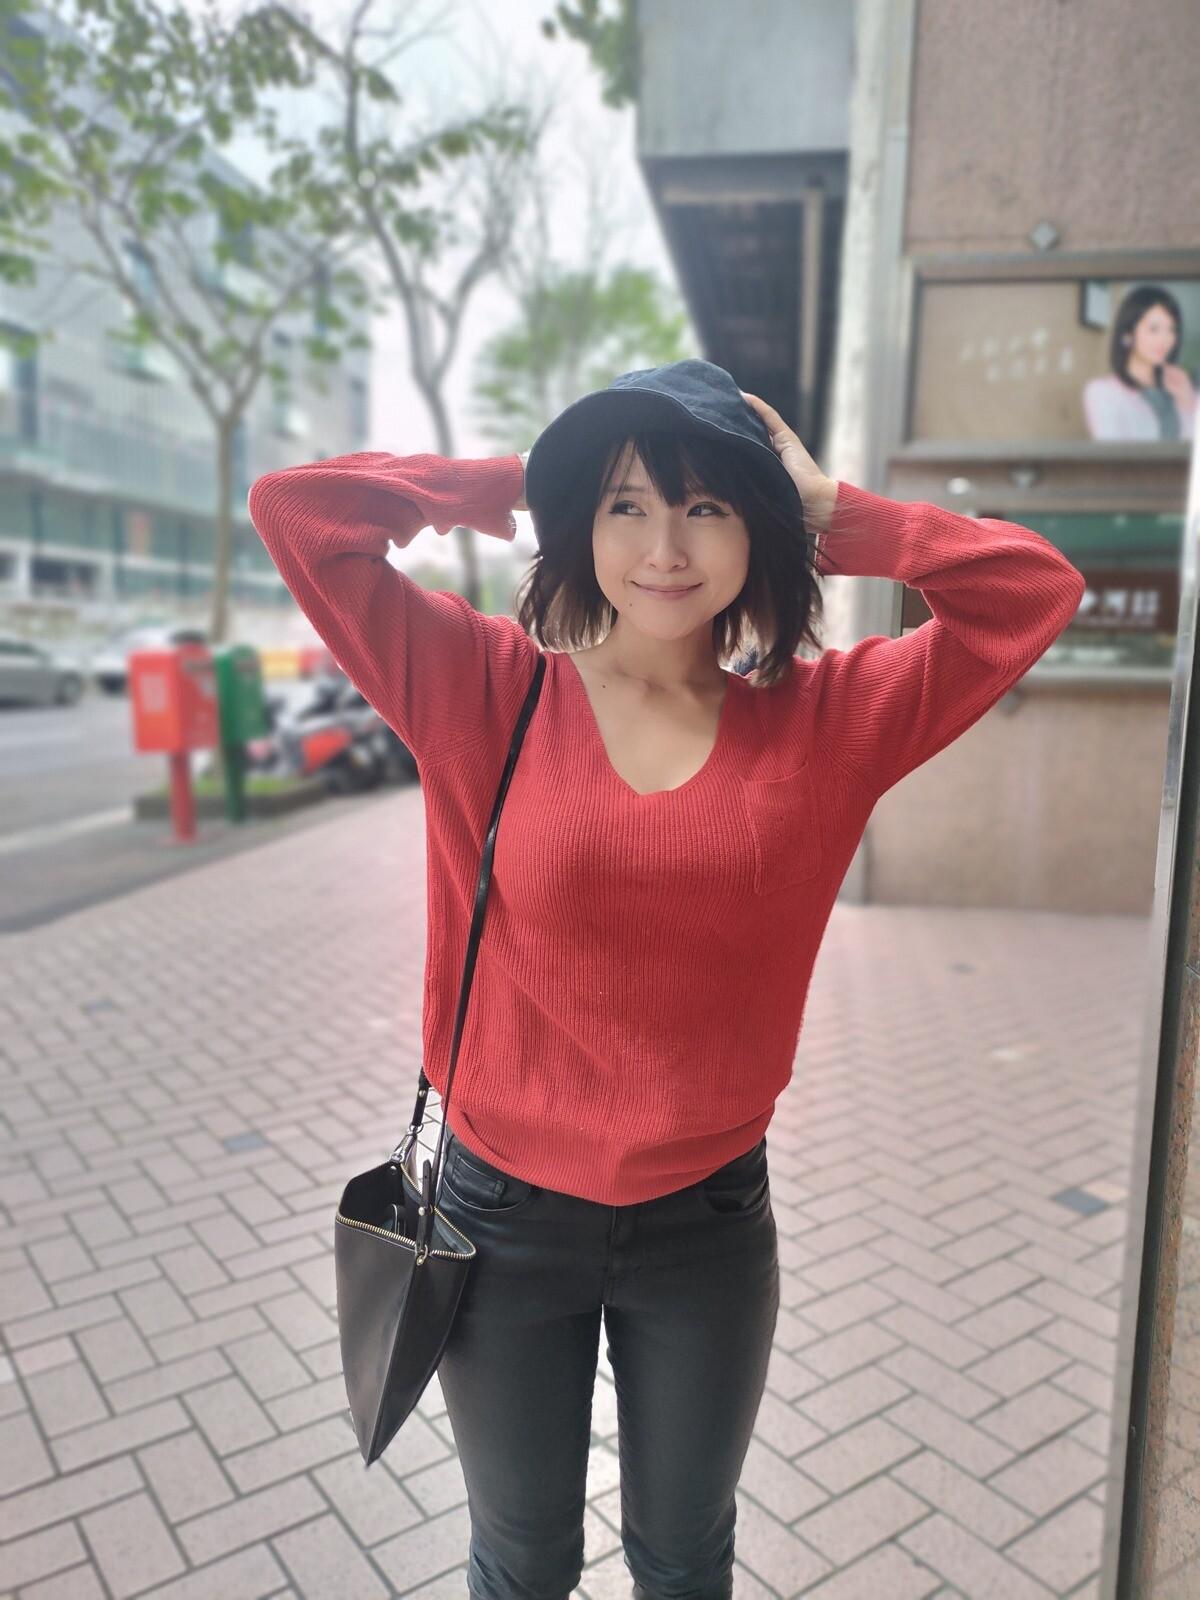 台灣最便宜 S888 手機來了!Realme GT 開箱性能測試 / 電力續航 / 快充測試 / 相機實拍 @3C 達人廖阿輝